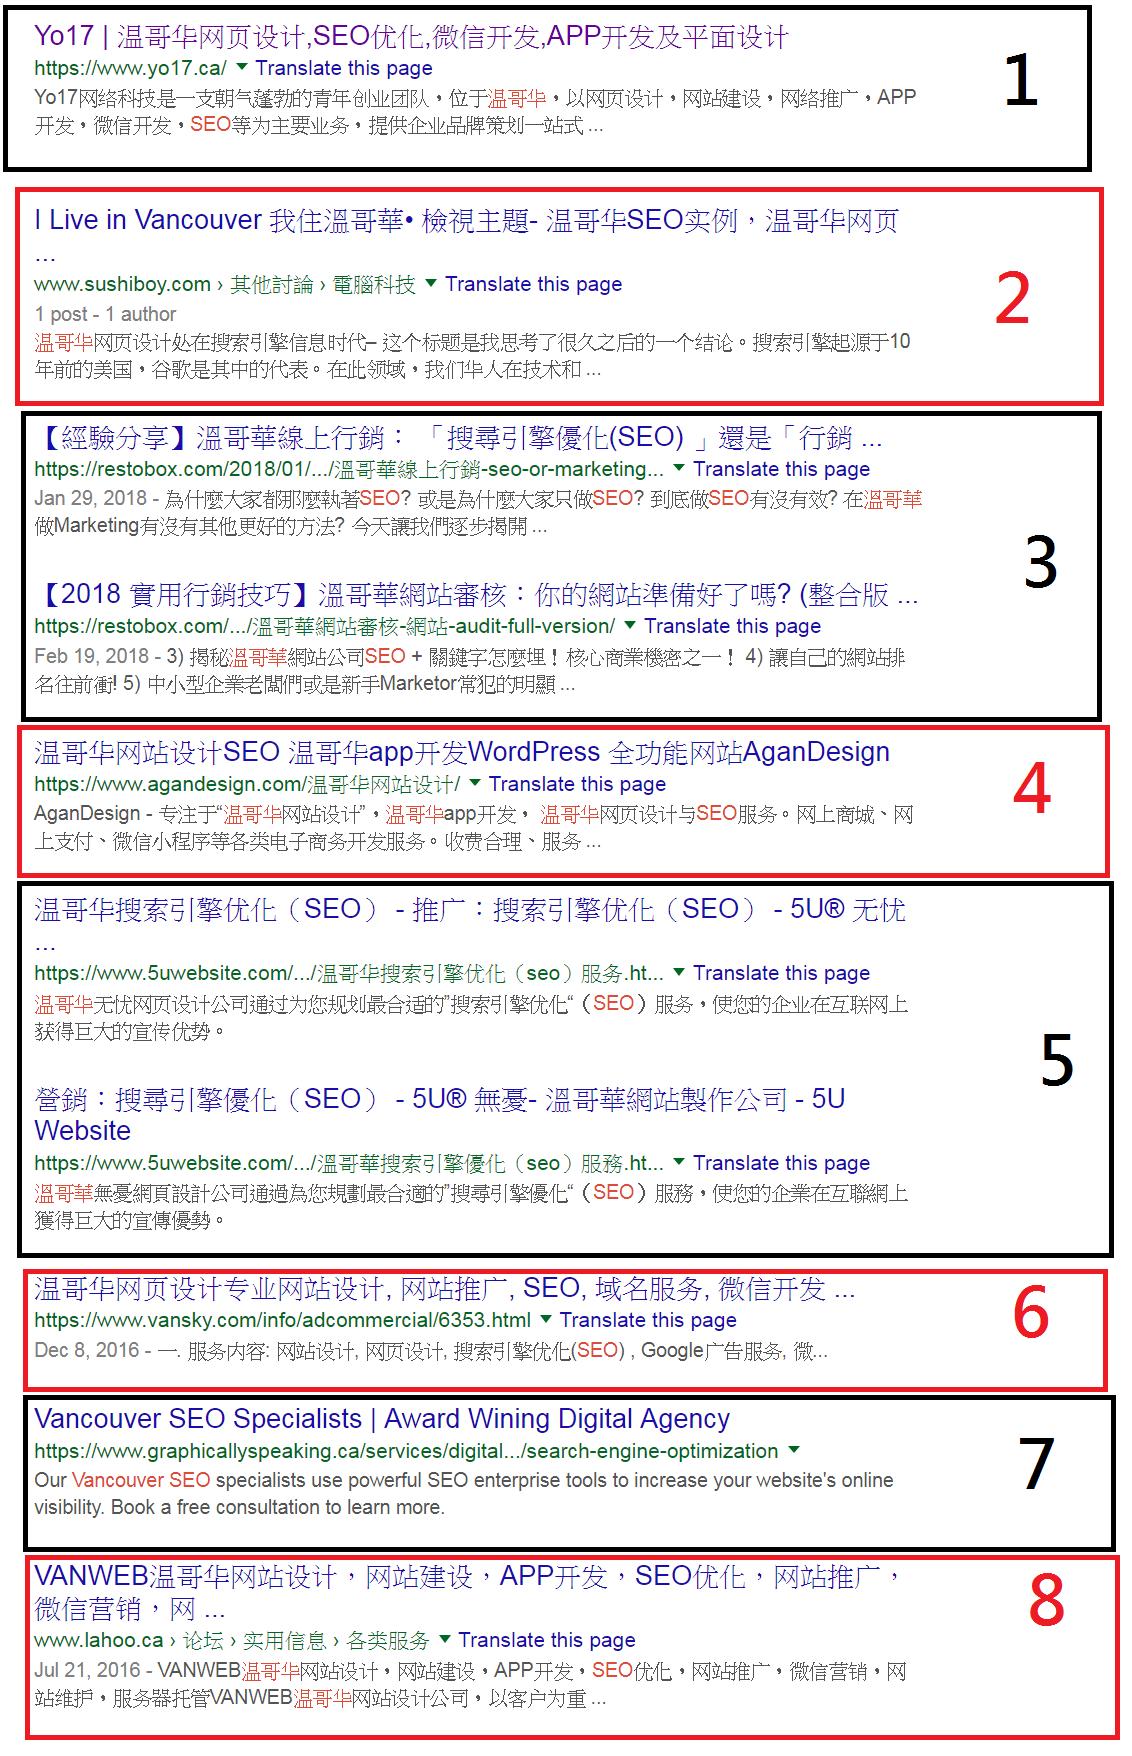 溫哥華 網站 SEO 排名3